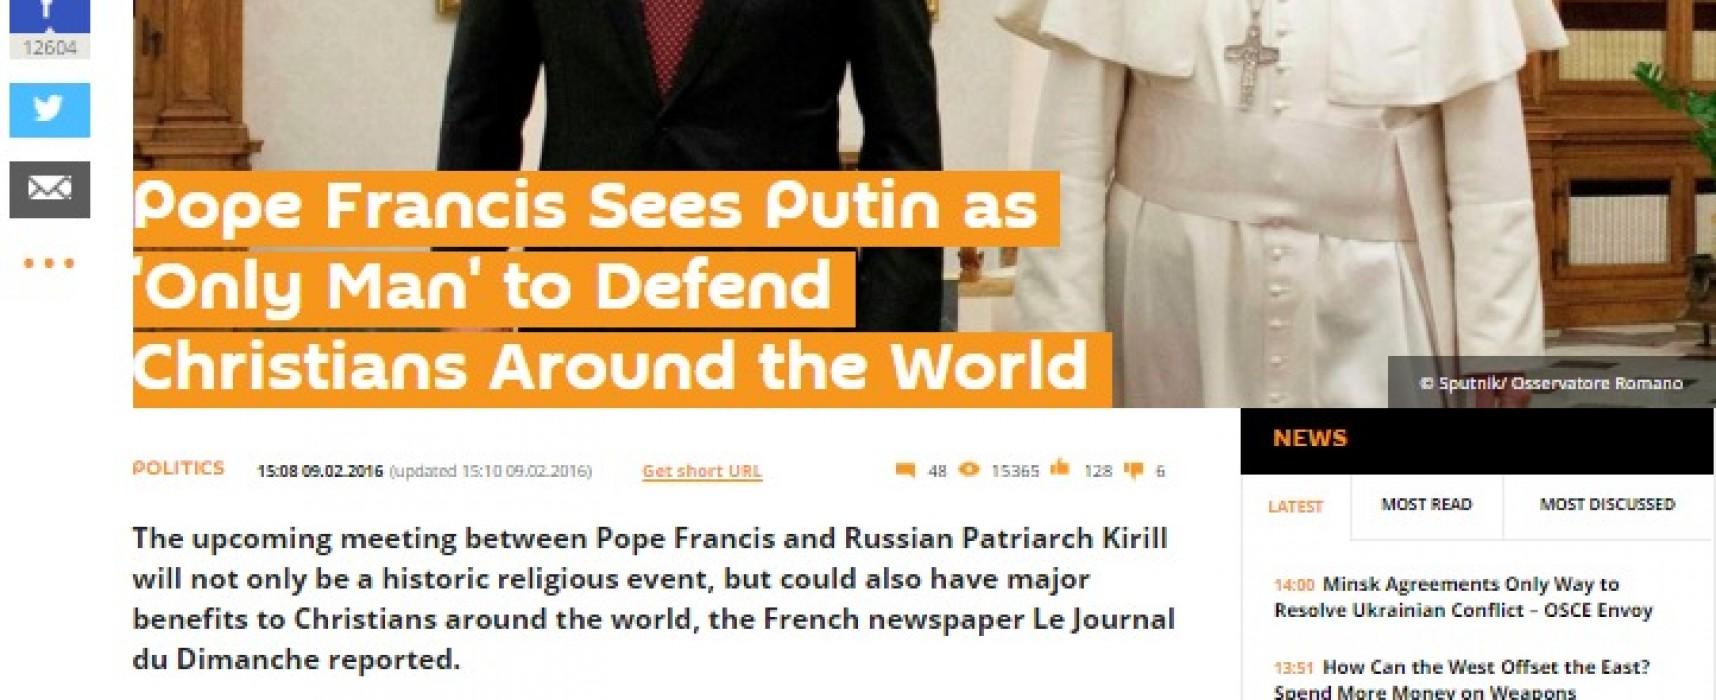 СМИ измислили цитат на папа Франциск за Путин